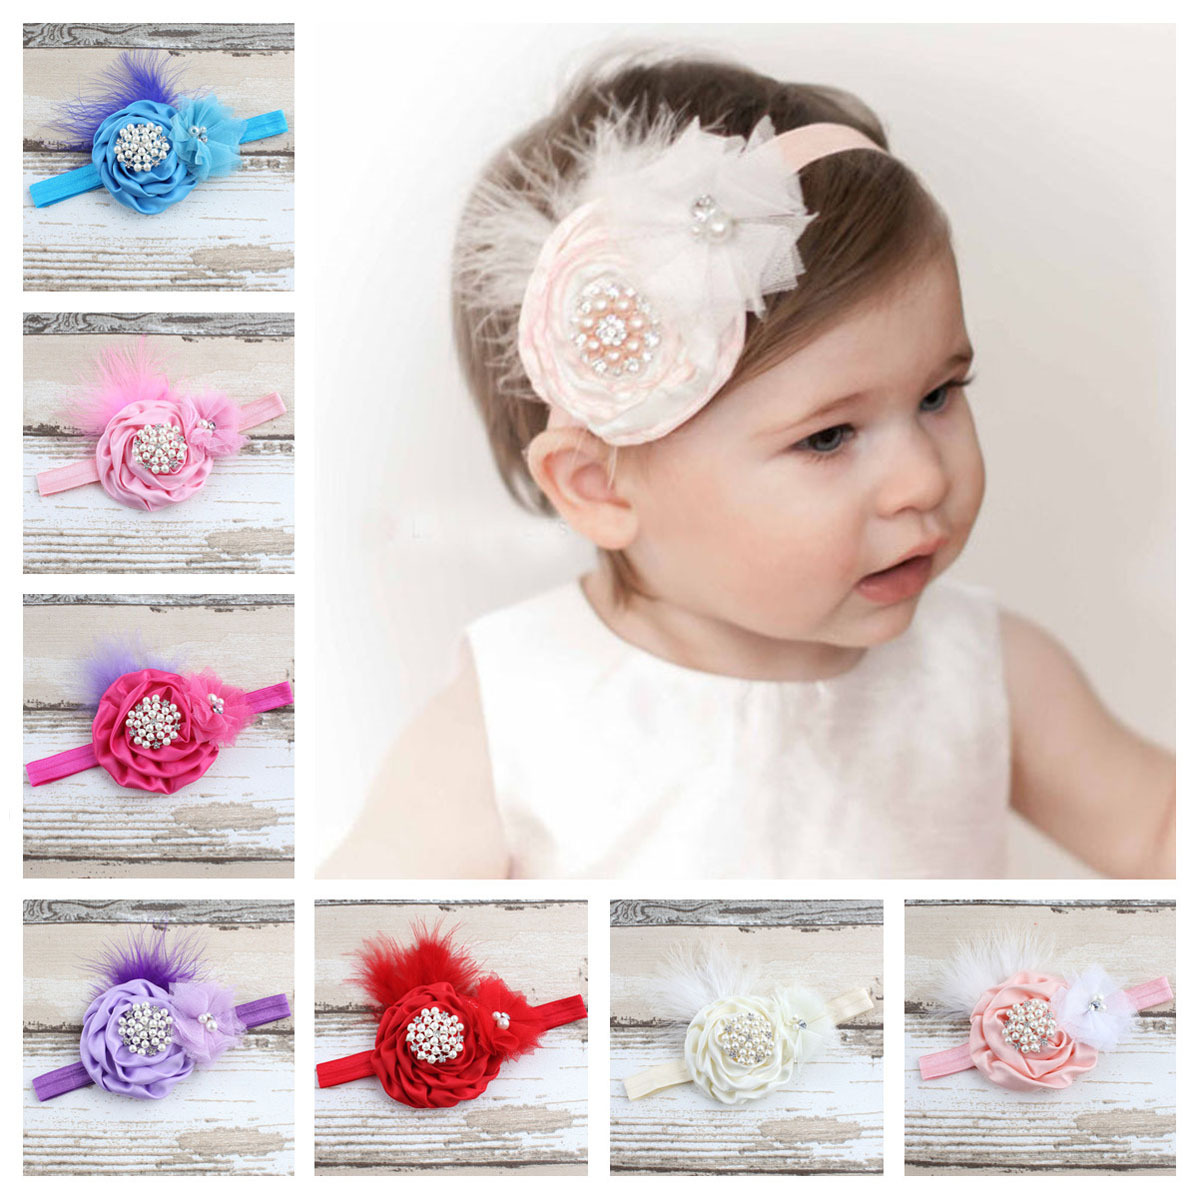 Bébé Fille Élastique Hairband Enfants Cheveux Bébé Fleur Bandeau Accessoires